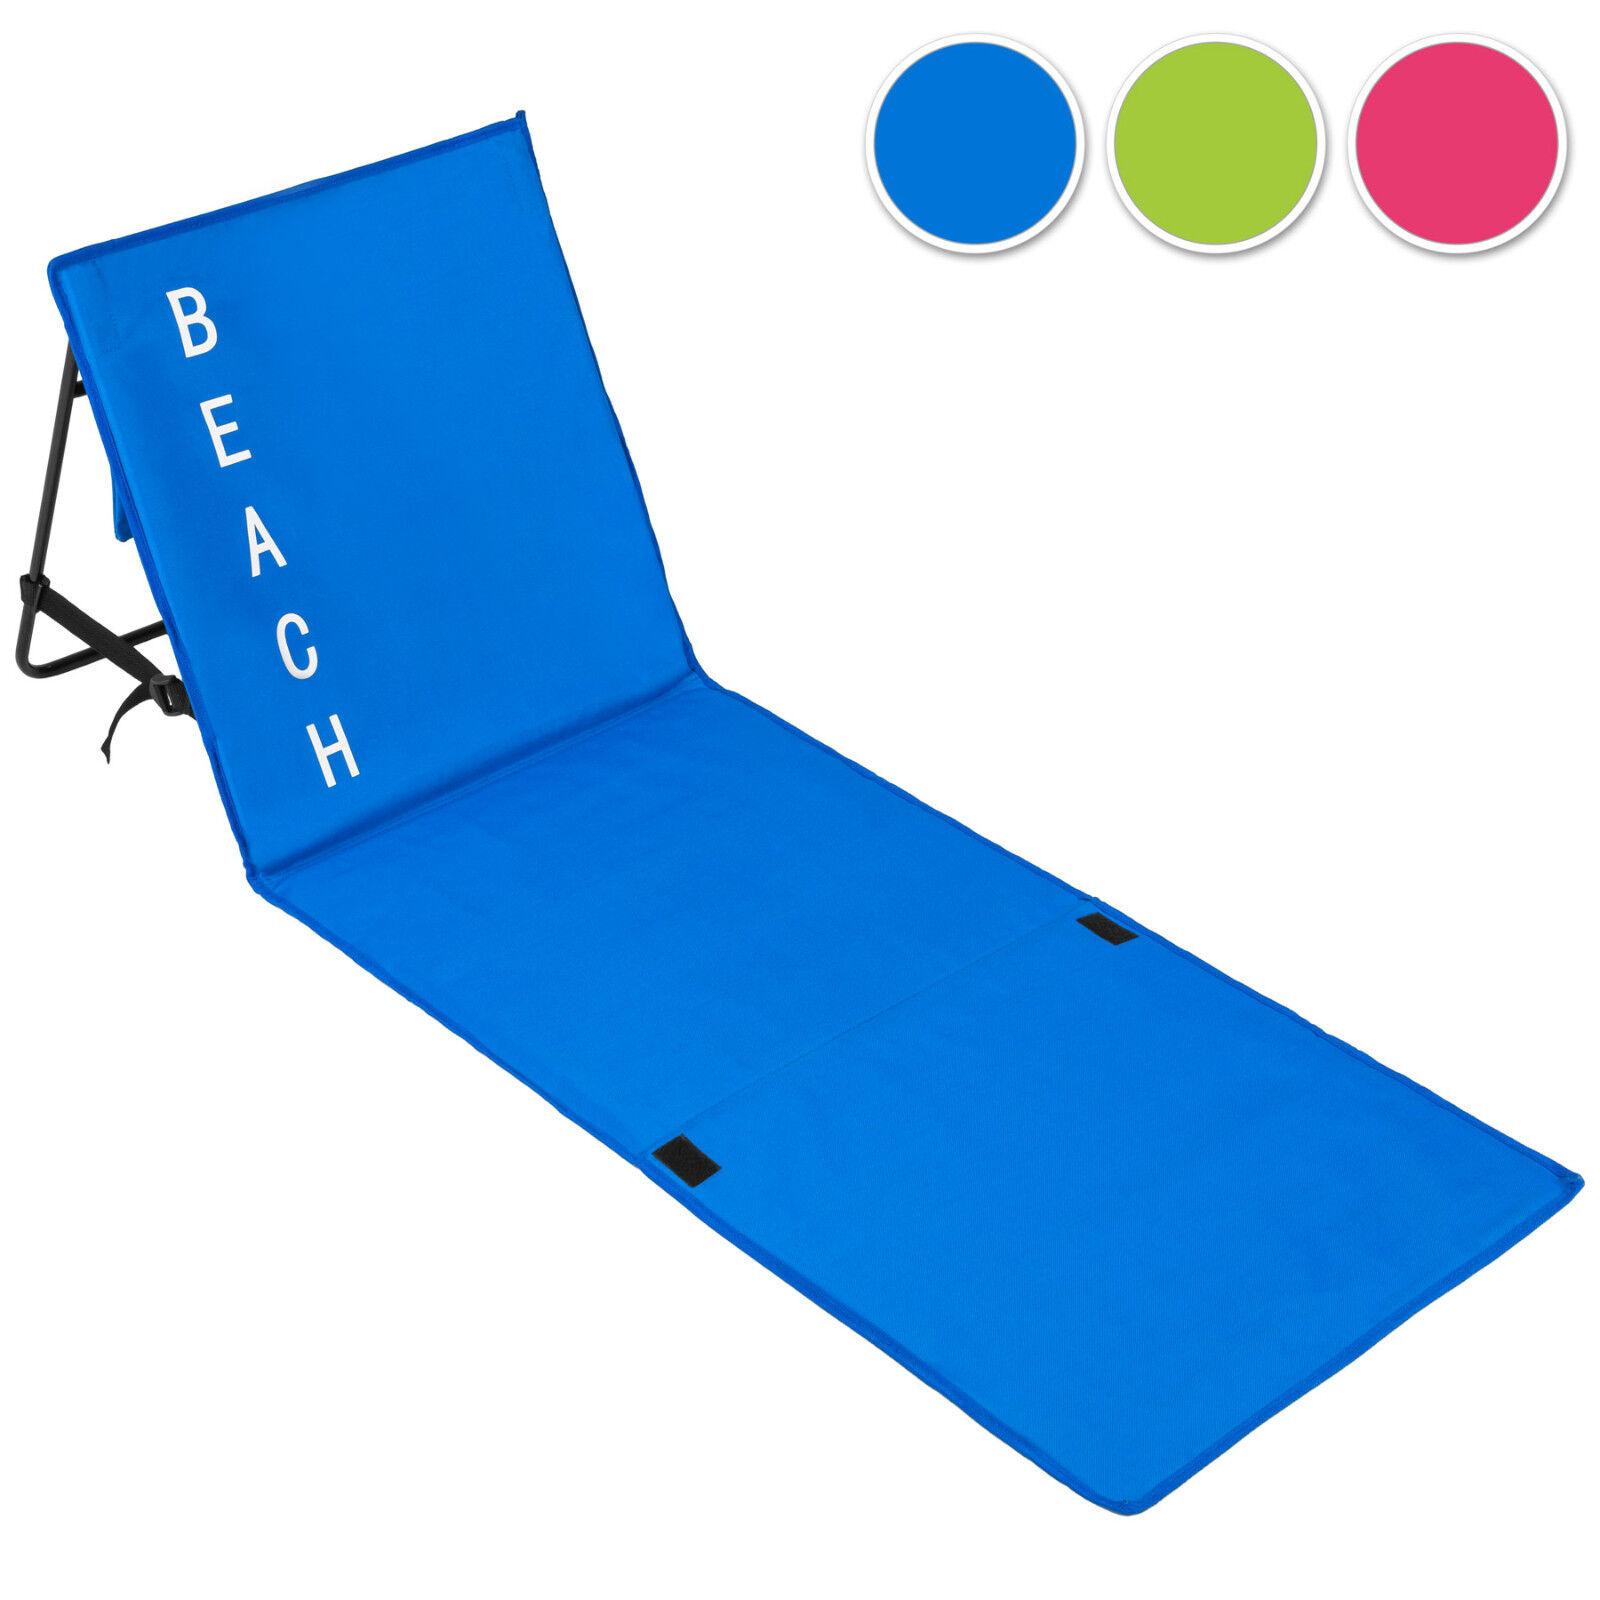 Gepolsterte Strandmatte verstellbare Rückenlehne Matte Strand Liege Lehne